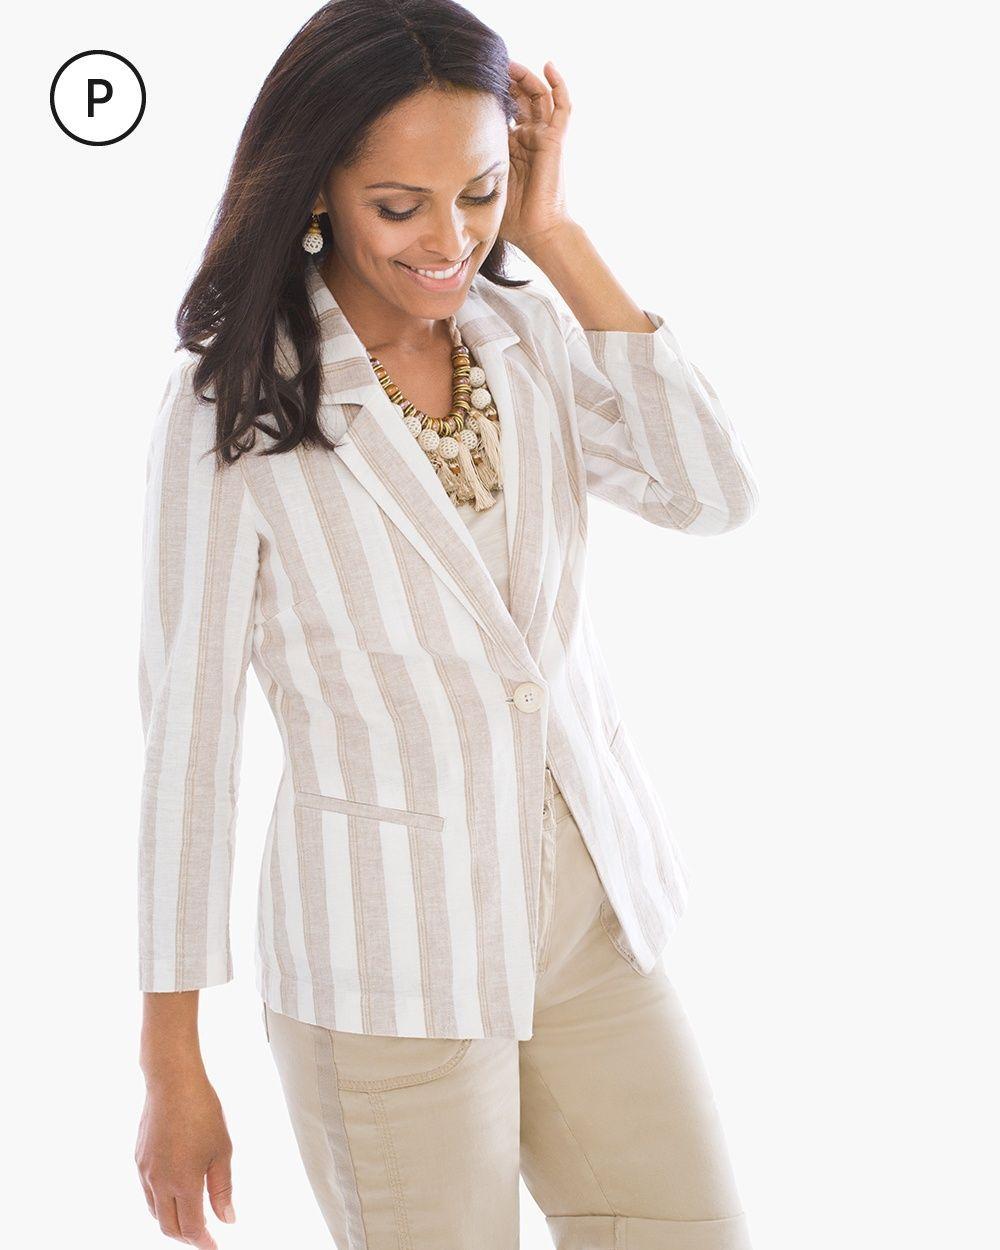 7f01348d8706 Chico's Women's Petite Striped Linen Blazer, Neutral, Size: 3P (16P/18P XL)